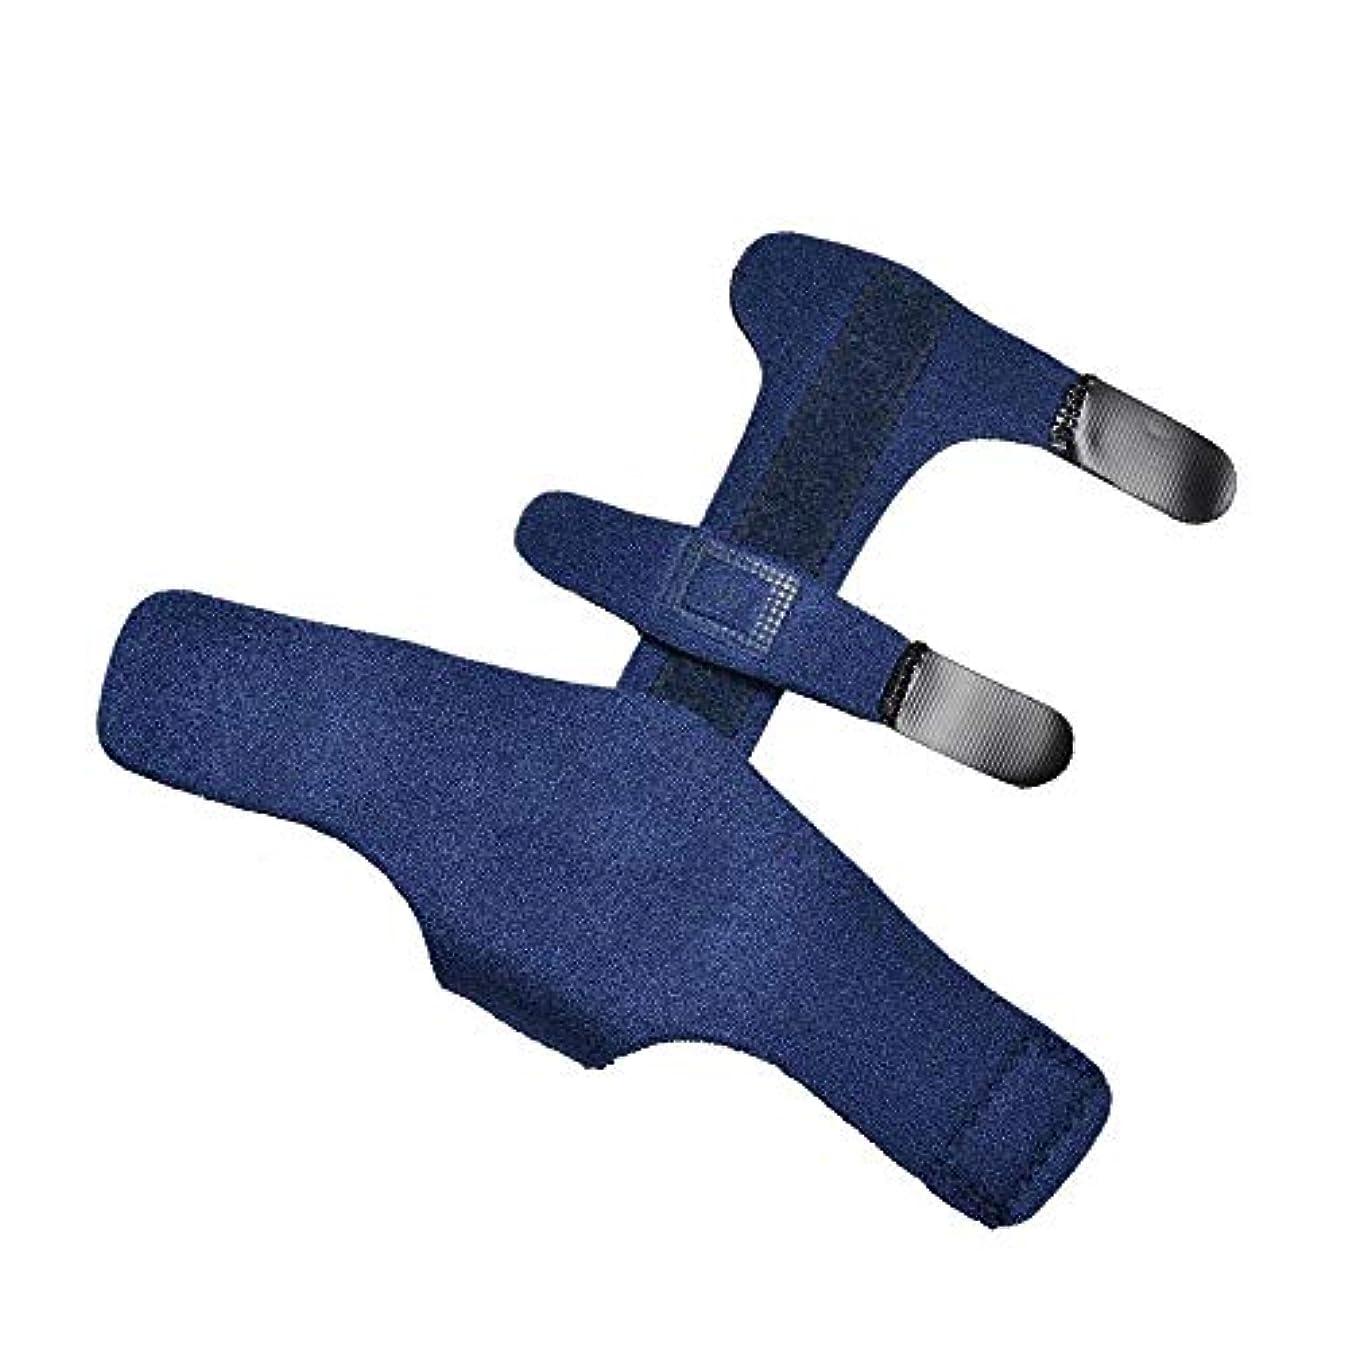 震え手足抽出ZYL-YL 指固定スリーブ指節クリップアルミニウム板指固定補正ベルト手首の指が固定 (色 : 青, Edition : Right)